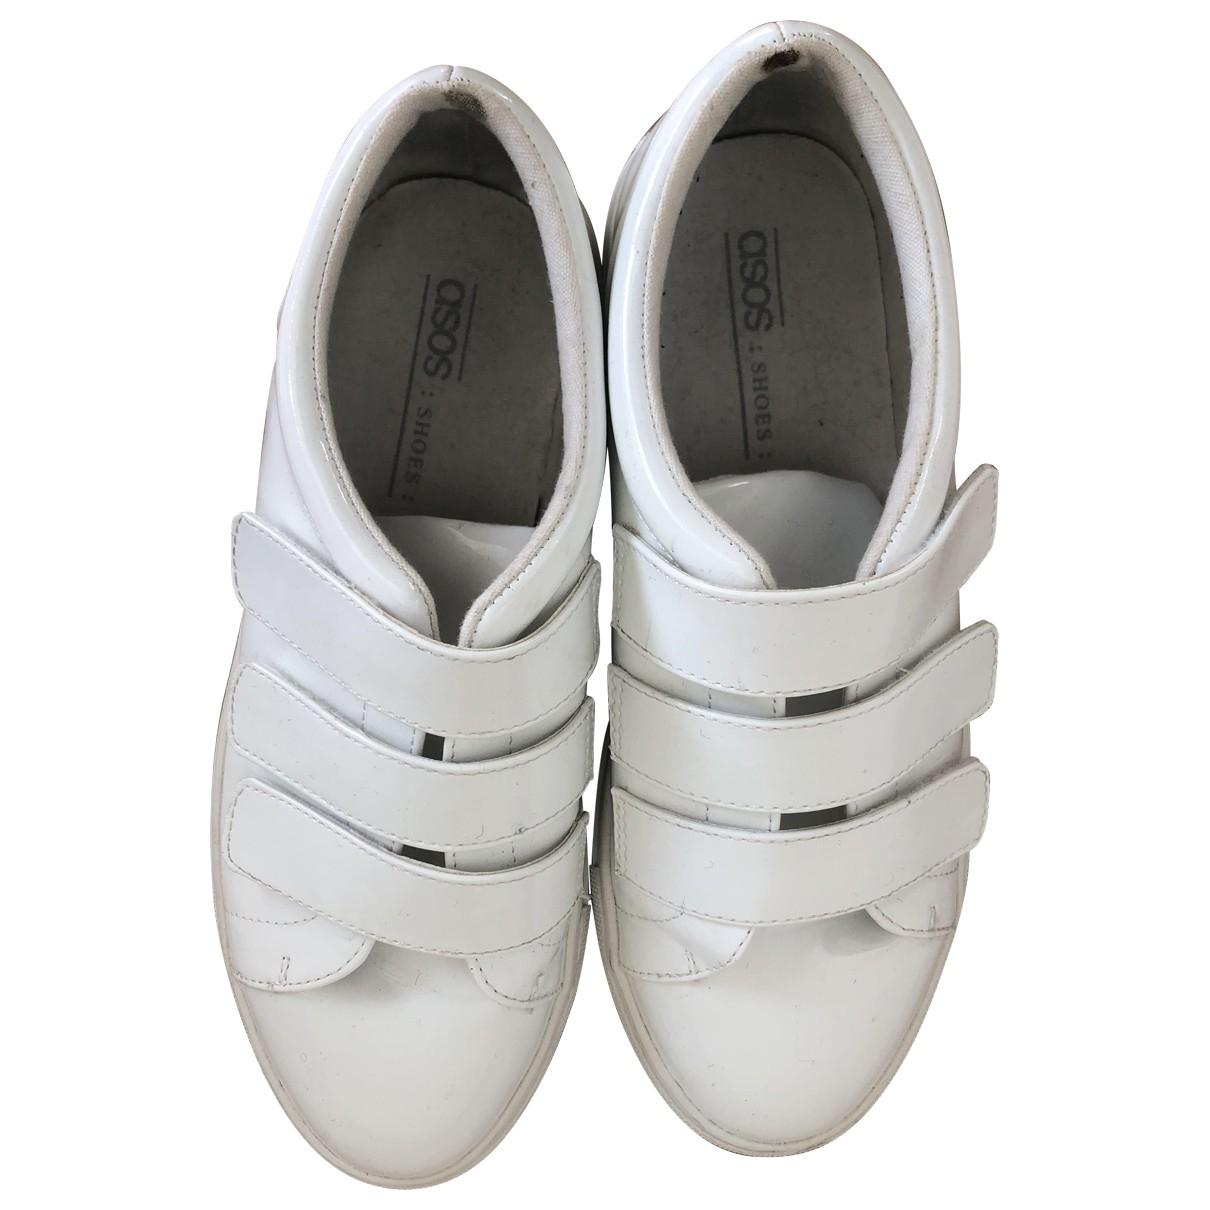 Asos \N Sneakers in  Weiss Lackleder